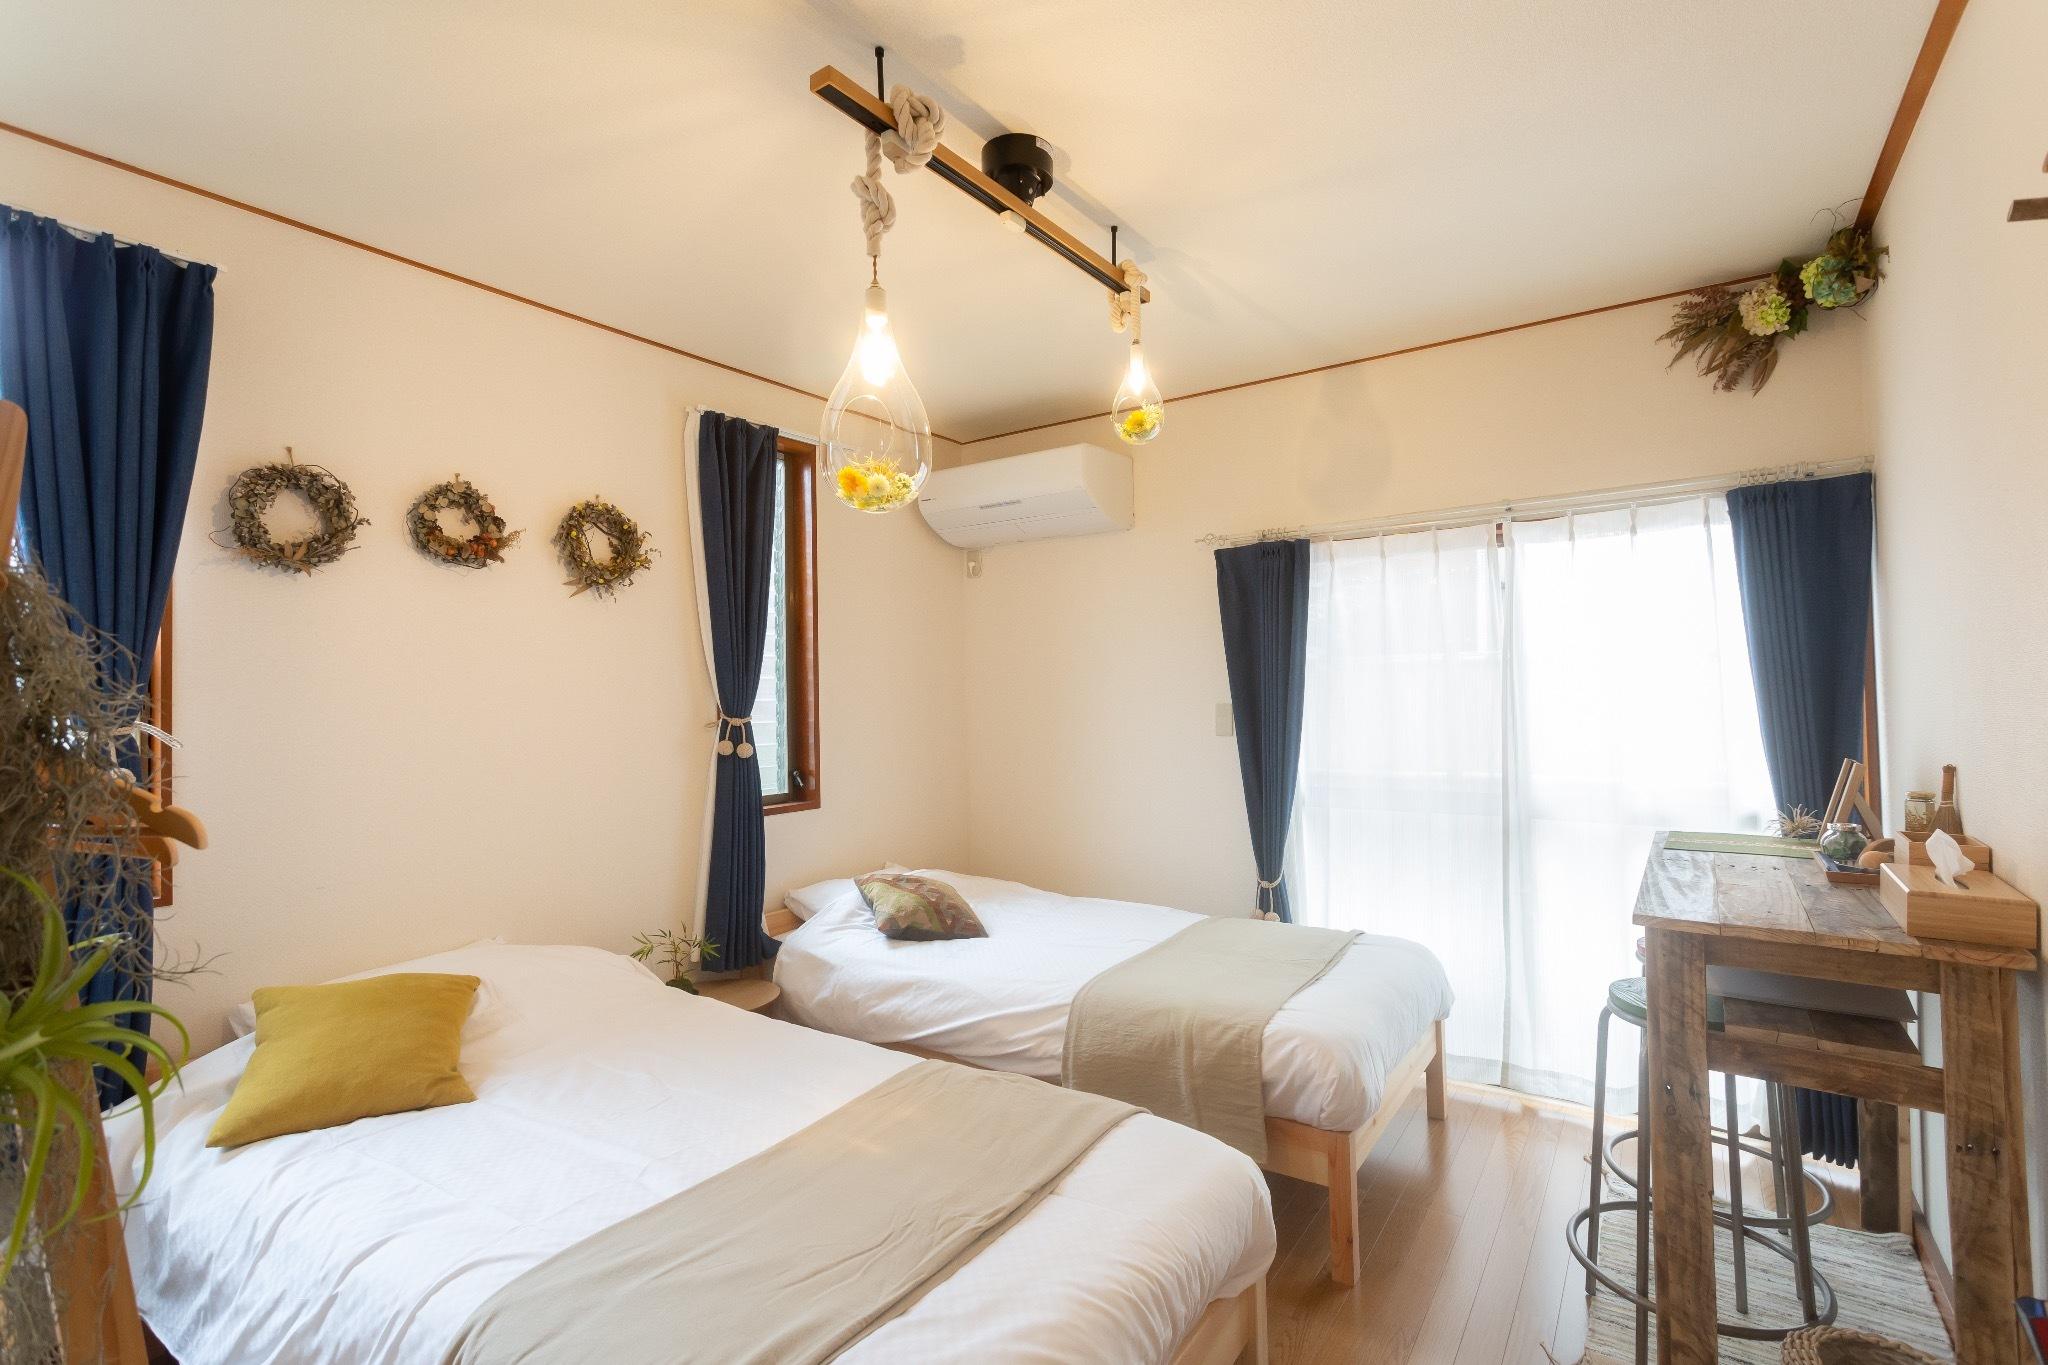 駅から3分 箱根、小田原の観光の拠点に最適 ナチュラルな広々個室